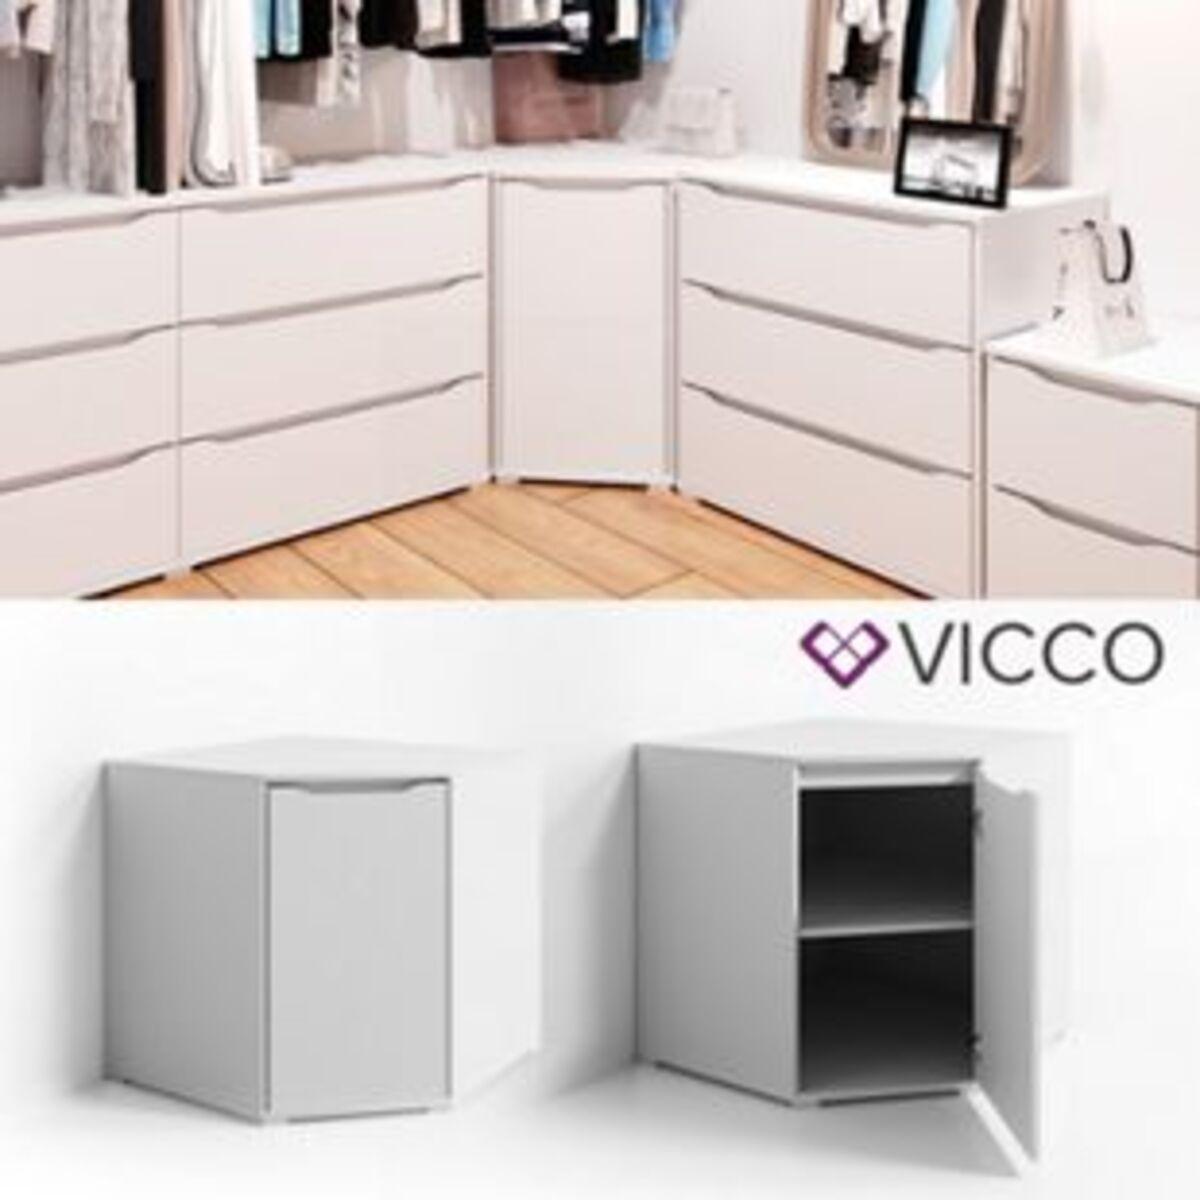 Bild 2 von VICCO Eck Kommode RUBEN Weiß Sideboard Mehrzweckschrank Schrank Kleiderschrank